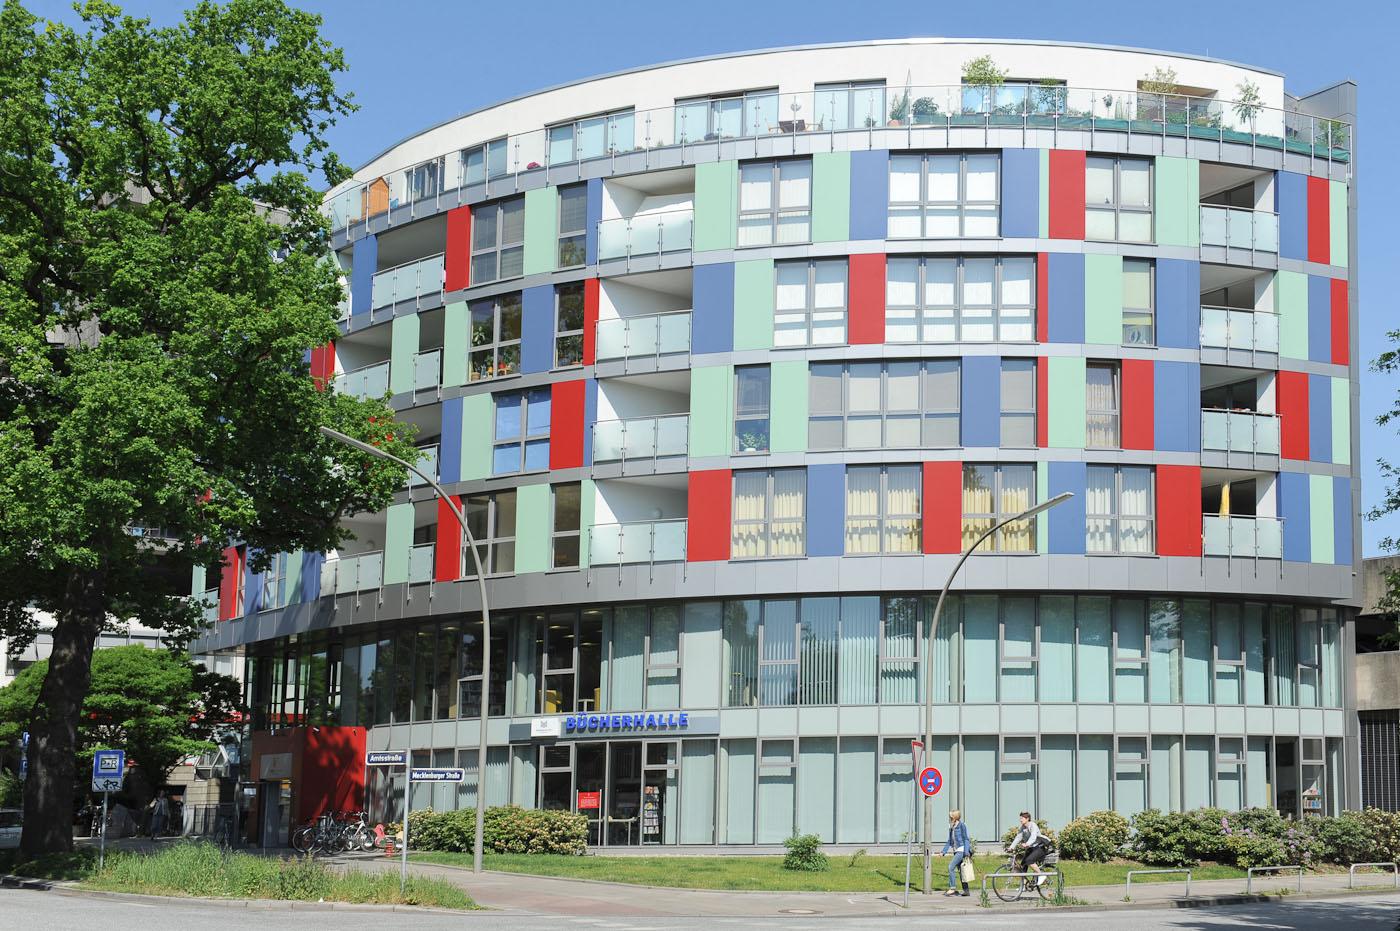 Foto ID 2014063006 Bücherhalle Rahlstedt